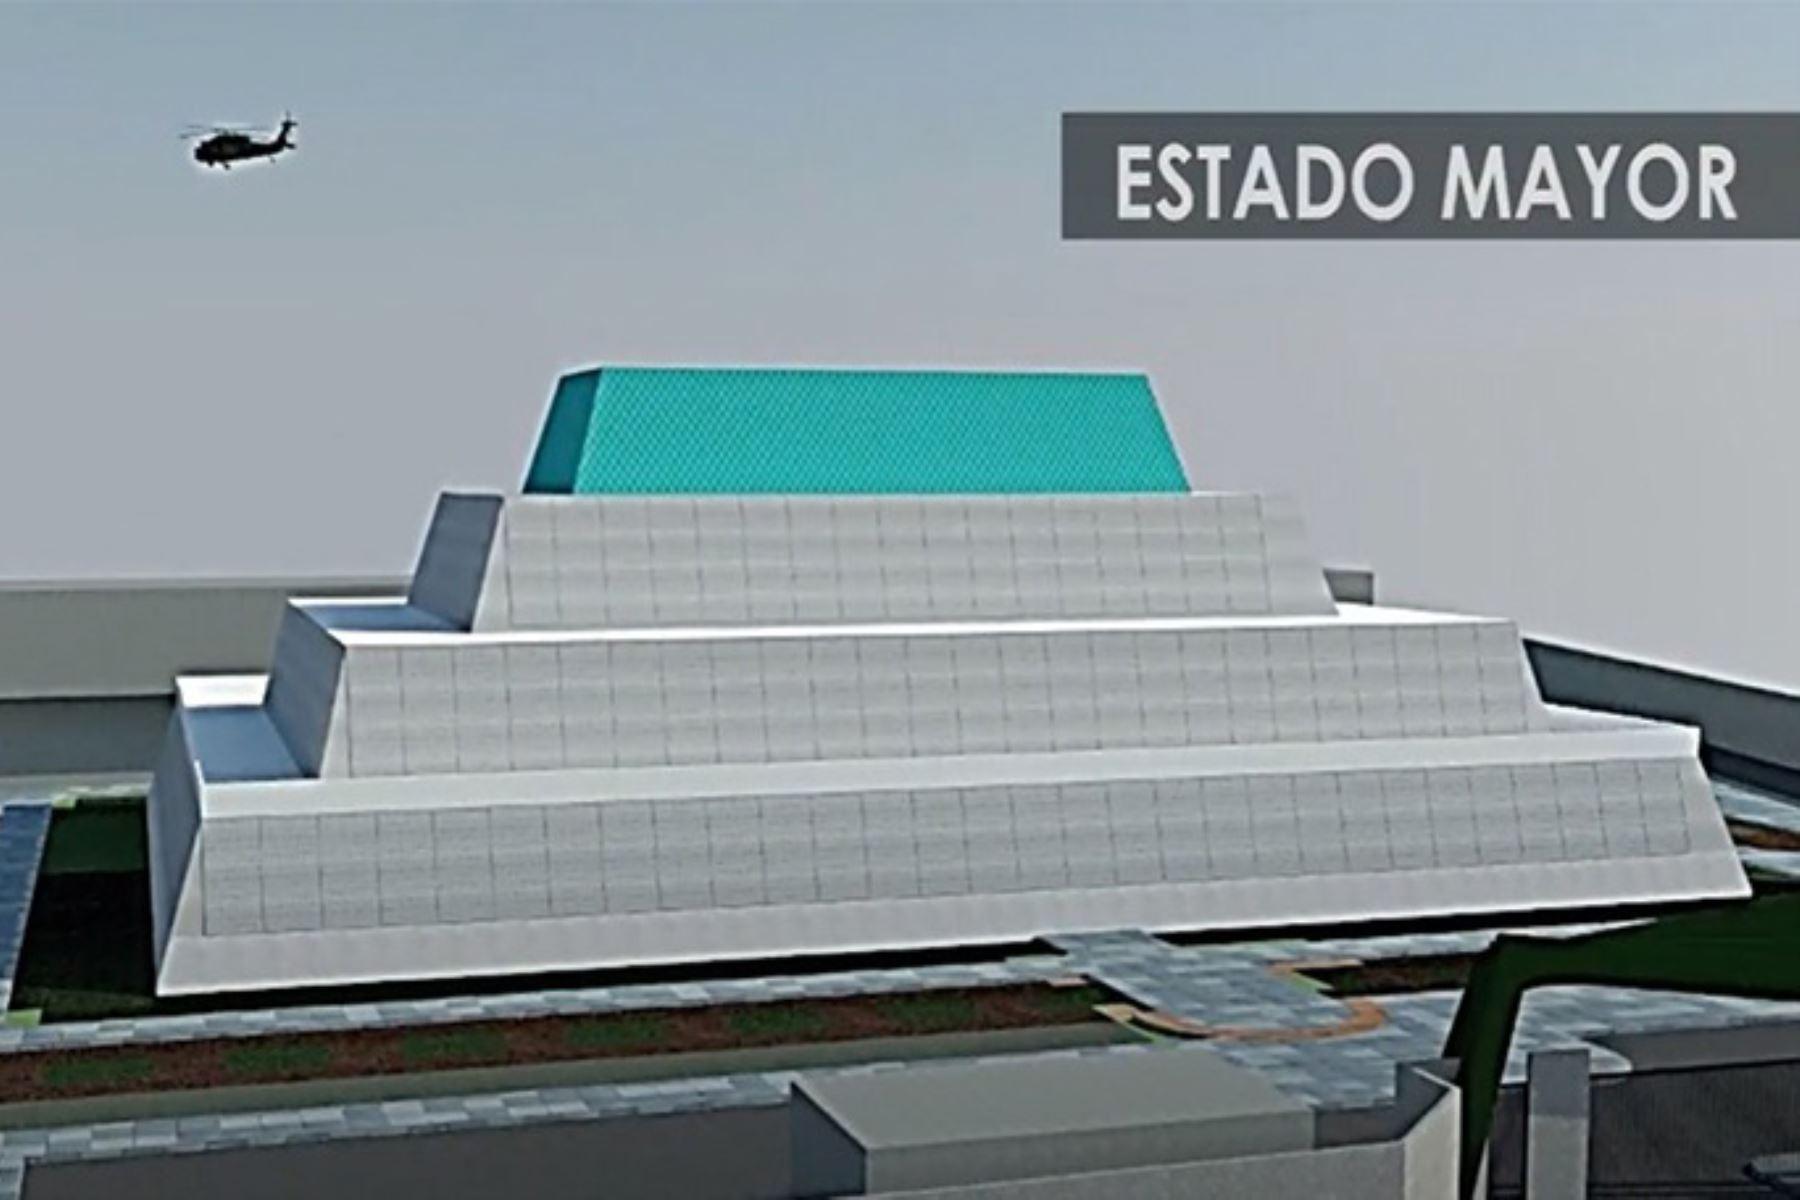 Futuro cuartel del Ejército en Lambayeque incluirá la construcción de un edificio que tendrá una forma de pirámide trunca, similar a la cultura Sipán. ANDINA/Difusión